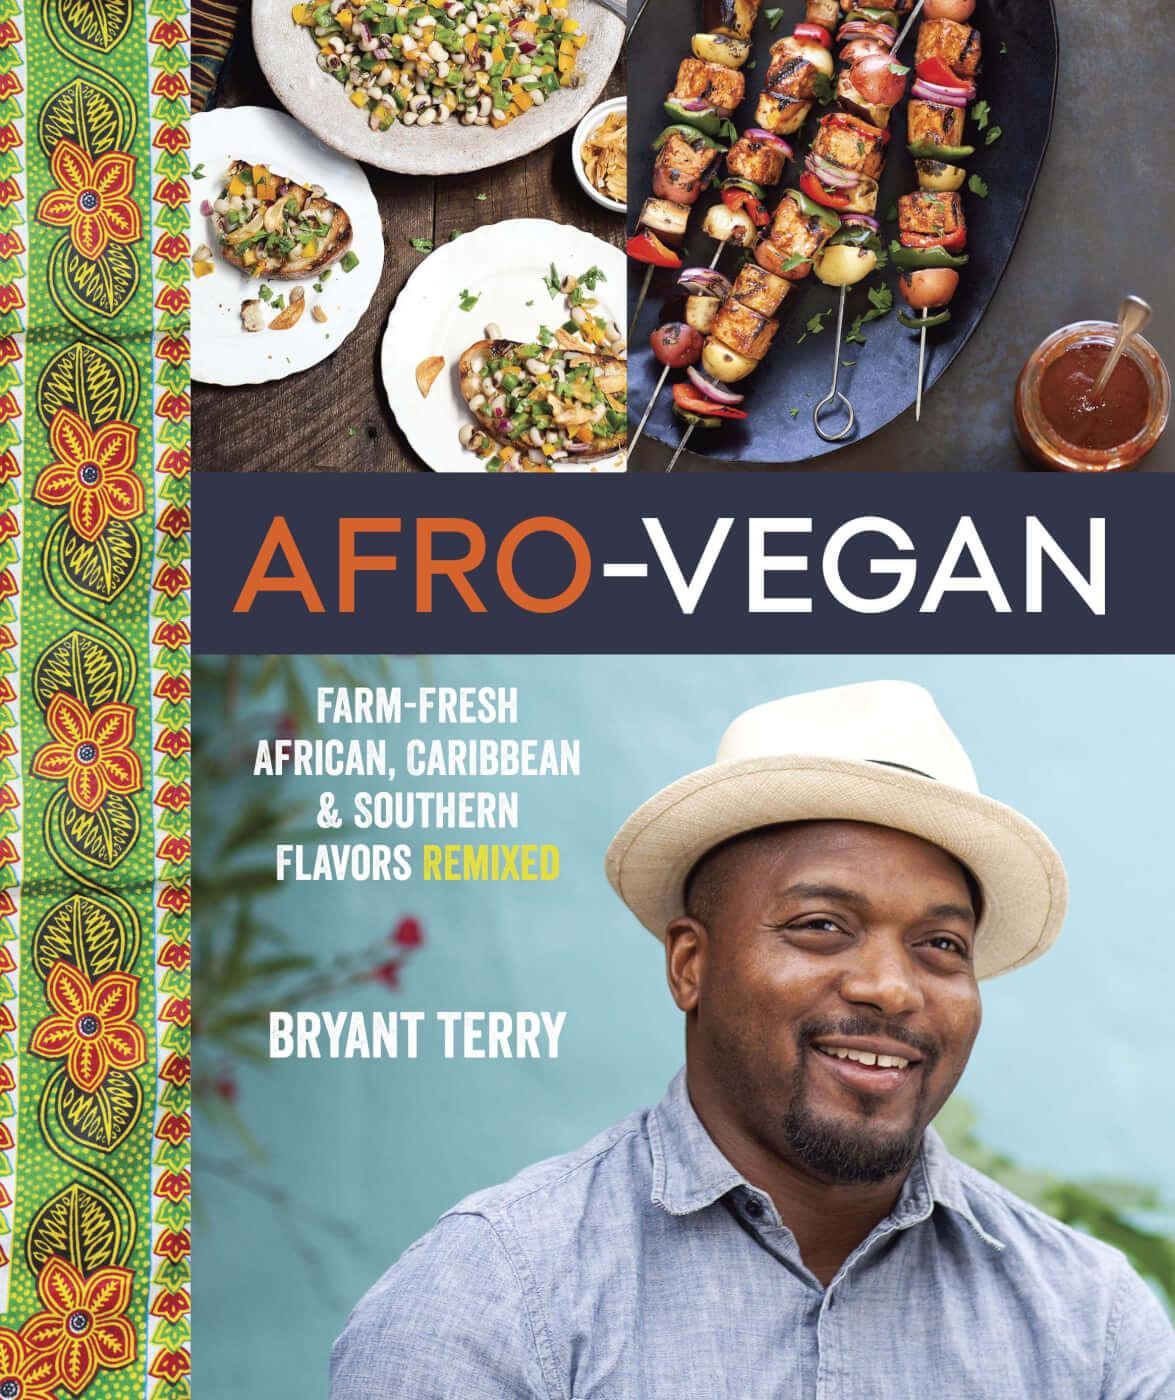 afro vegan book cover